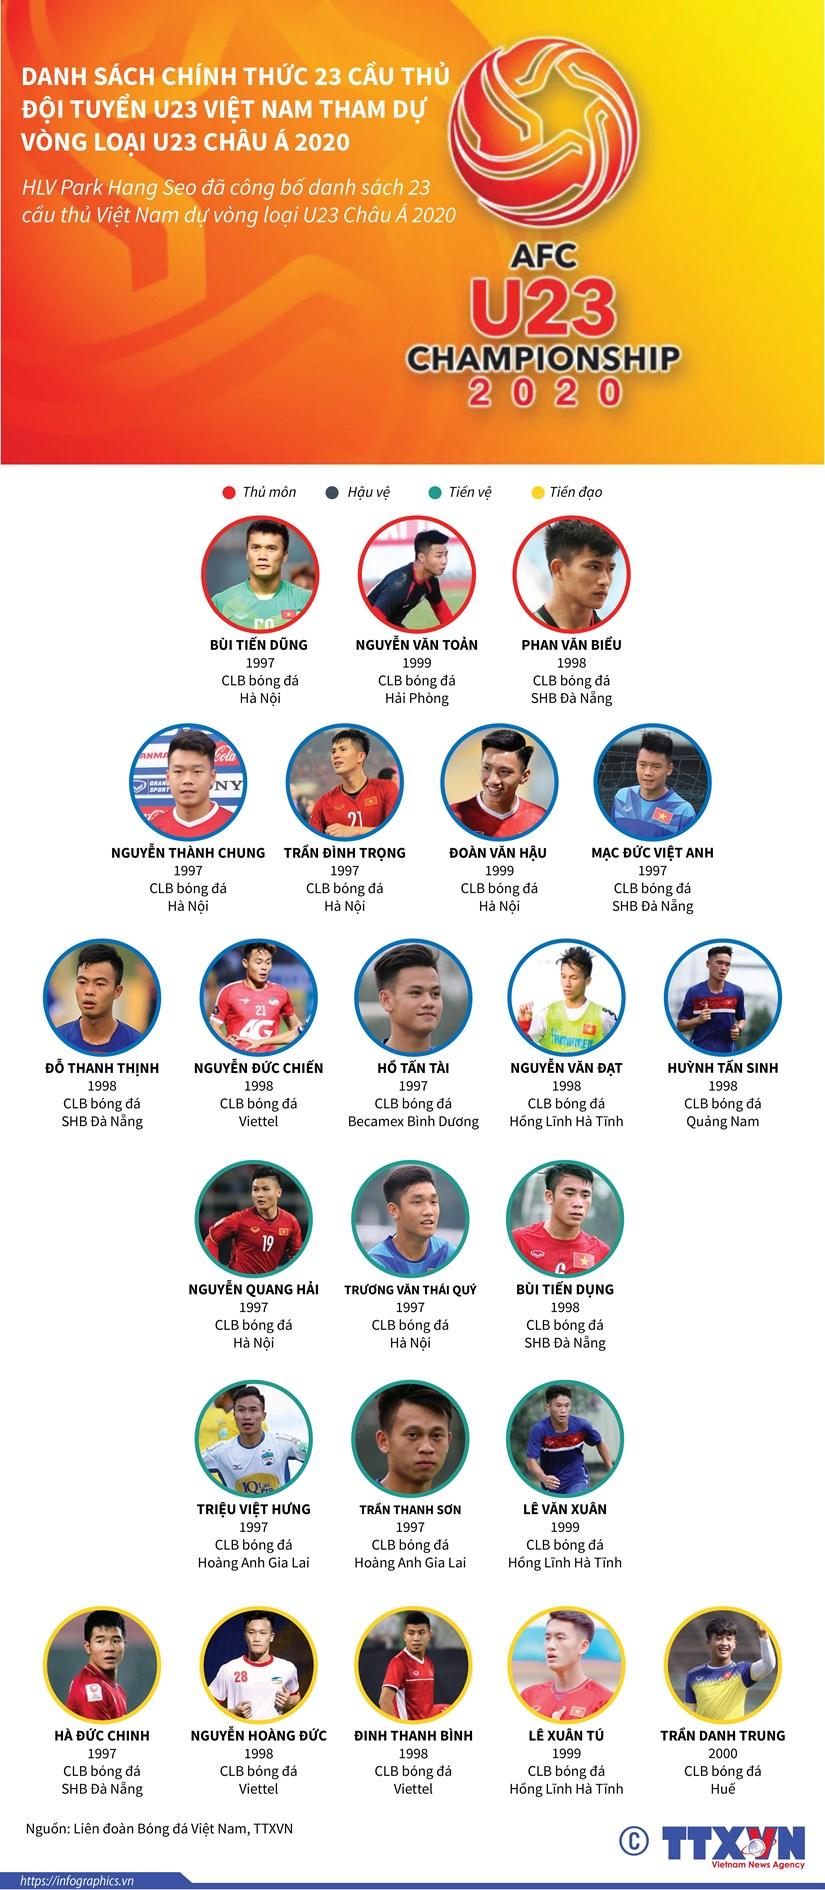 Danh sach cau thu U23 Viet Nam tham du vong loai U23 chau A 2020 hinh anh 1